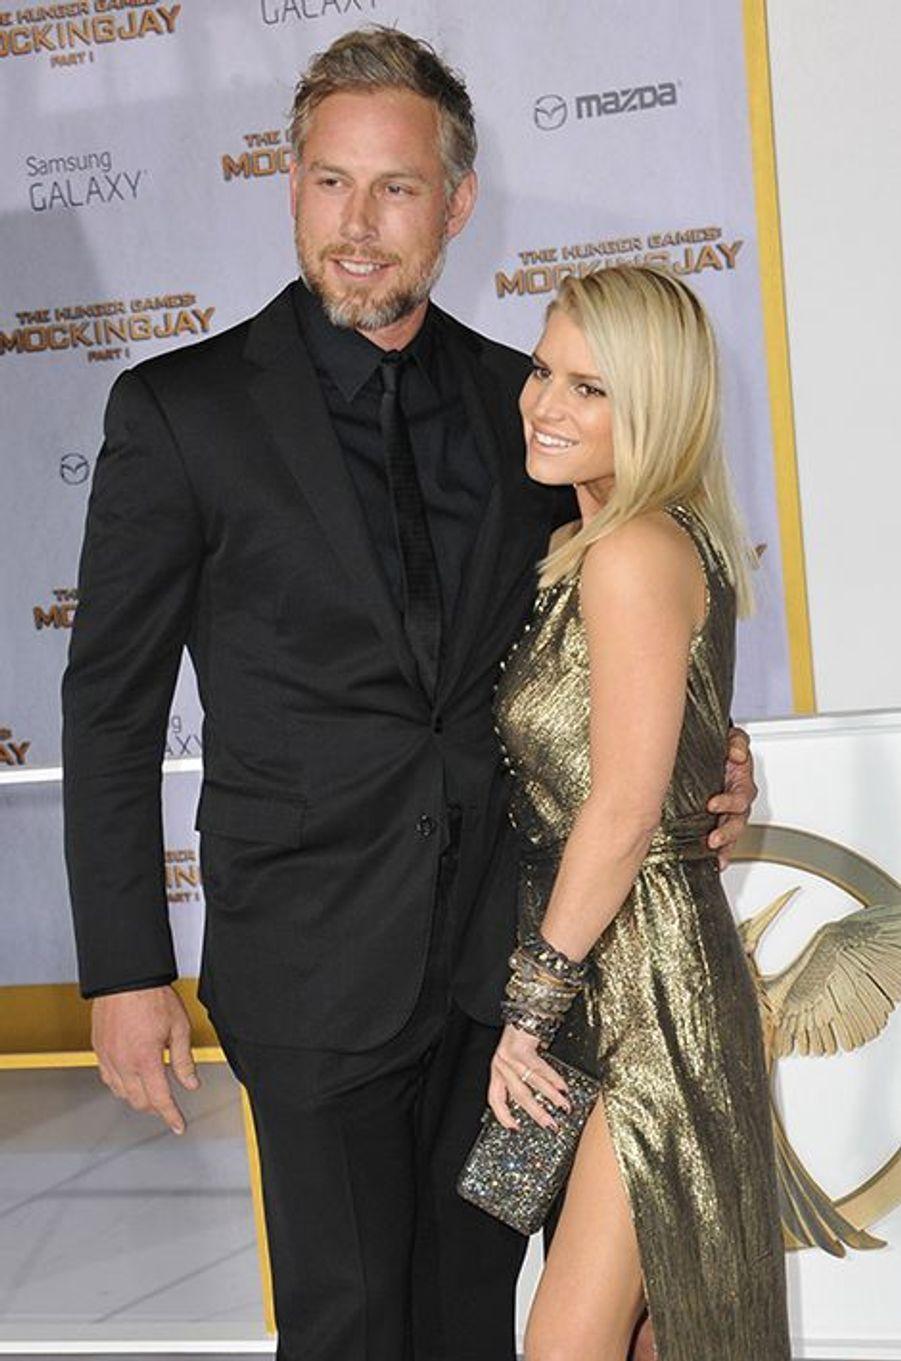 La chanteuse américaine a épousé le 5 juillet dernier le père de ses deux enfants, Eric Johnson, à l'occasion d'une cérémonie organisée à Montecito, en Californie.